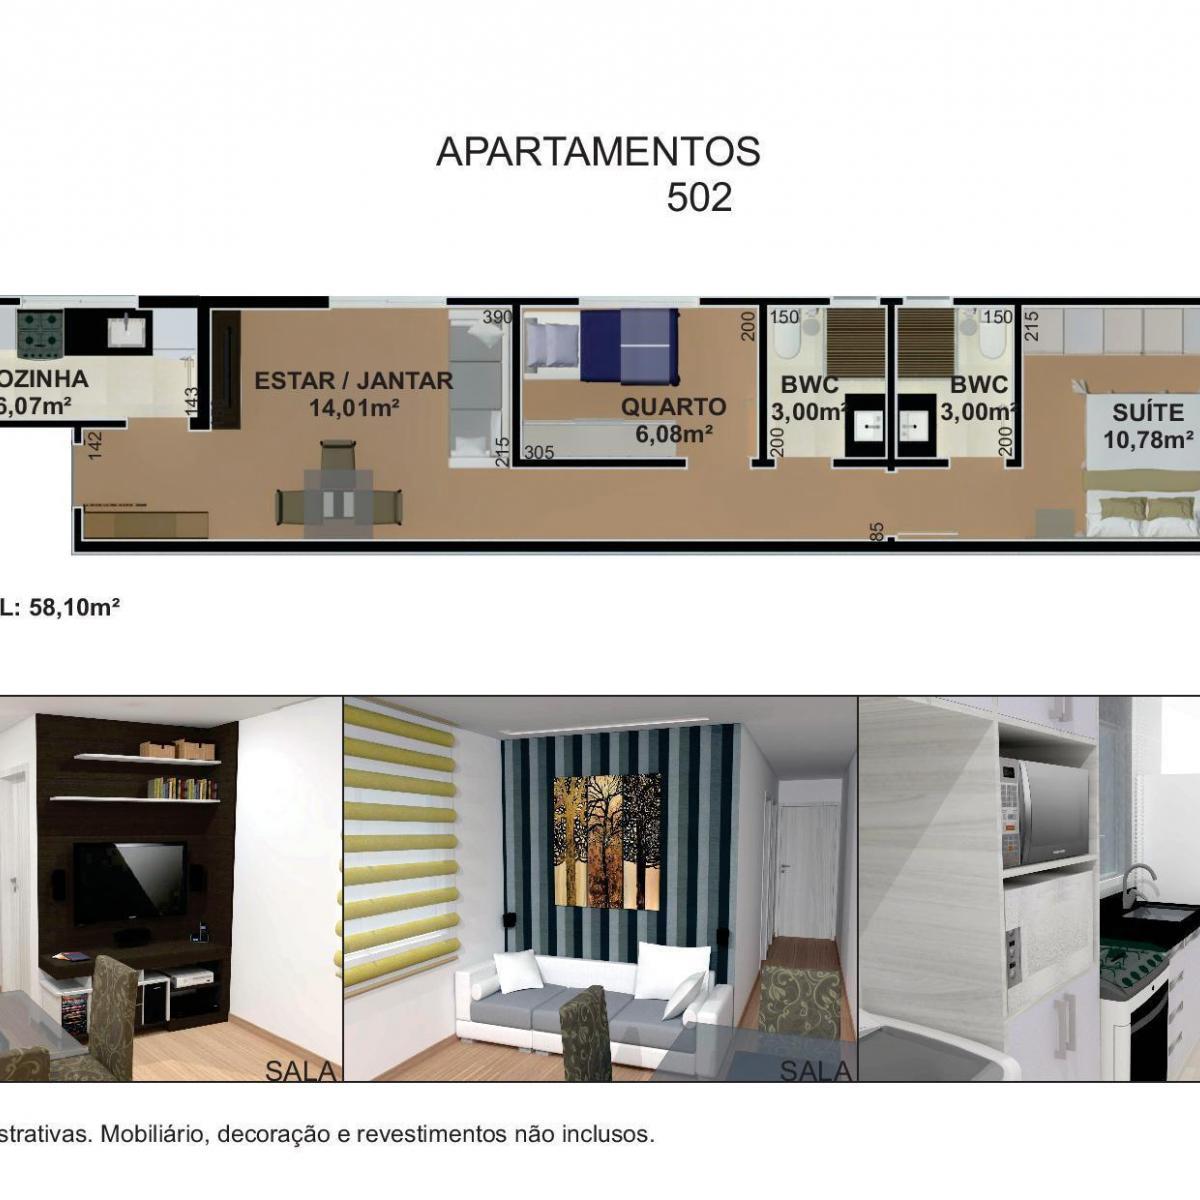 Apartamento à venda com 2 Quartos Portão Curitiba Consultar  #786A48 1200 1200